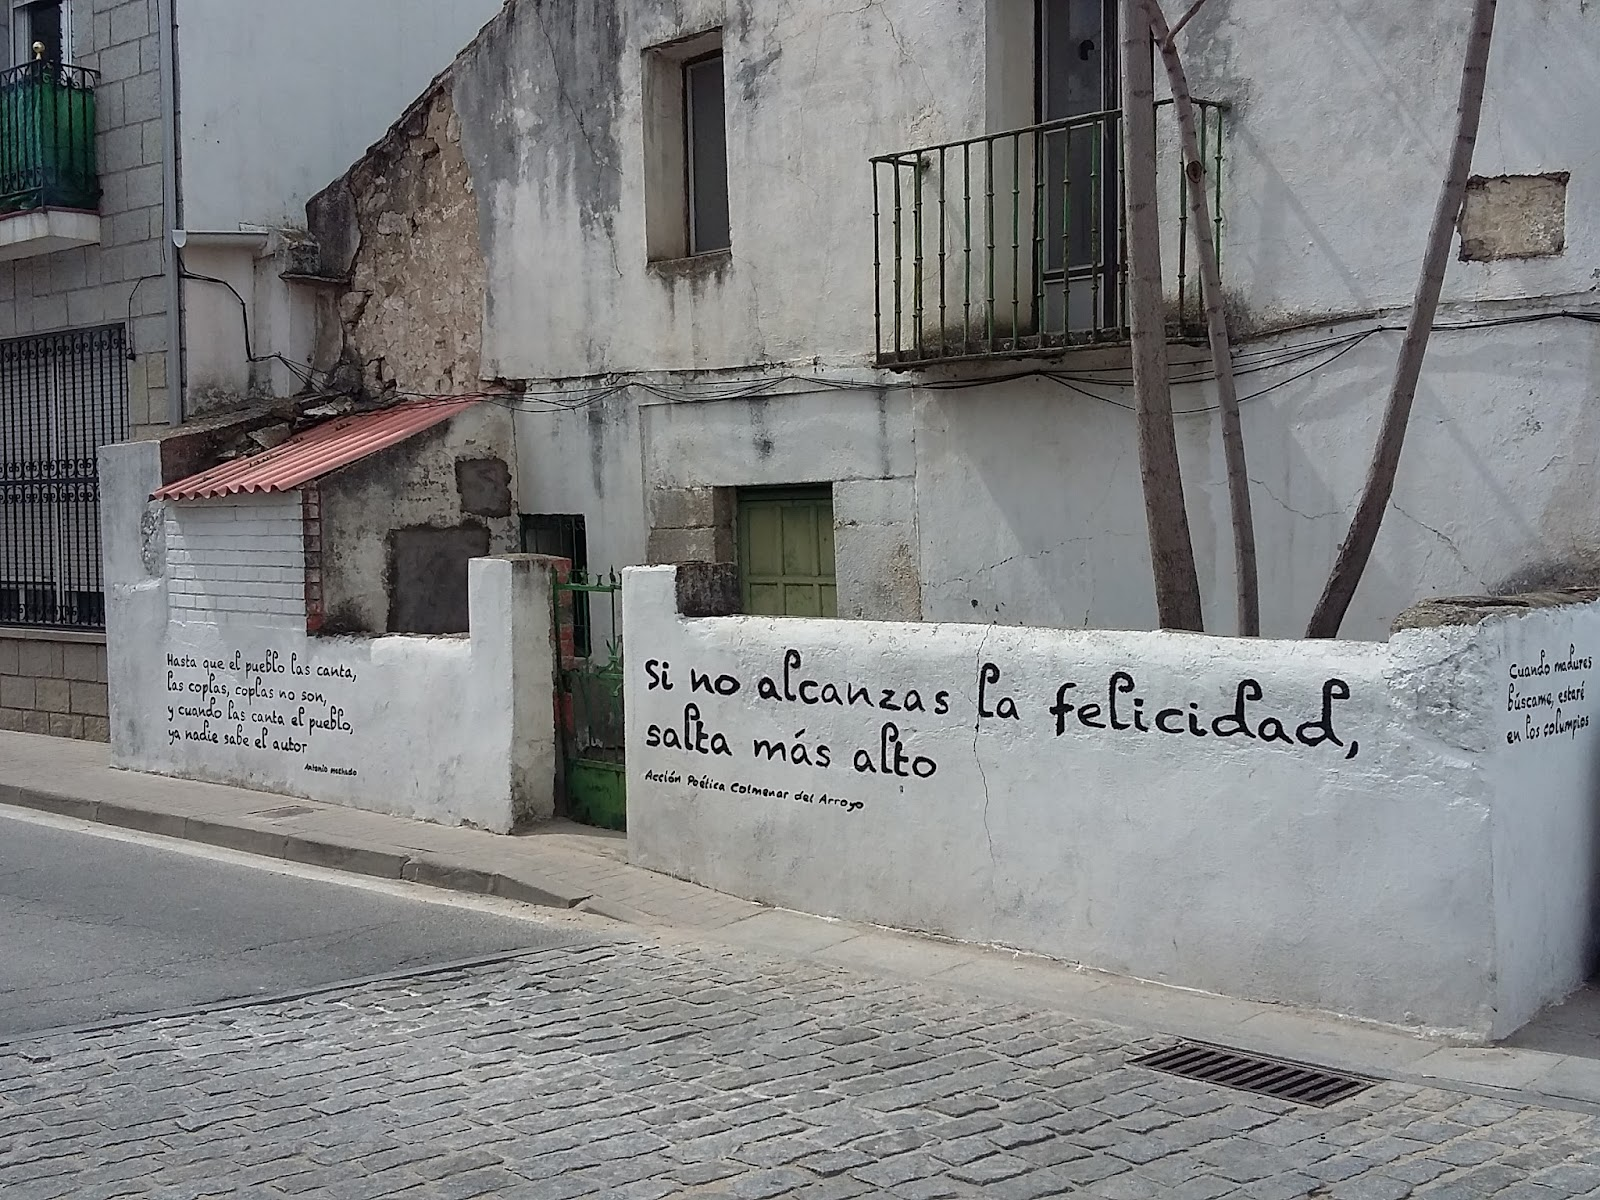 Colmenar del Arroyo